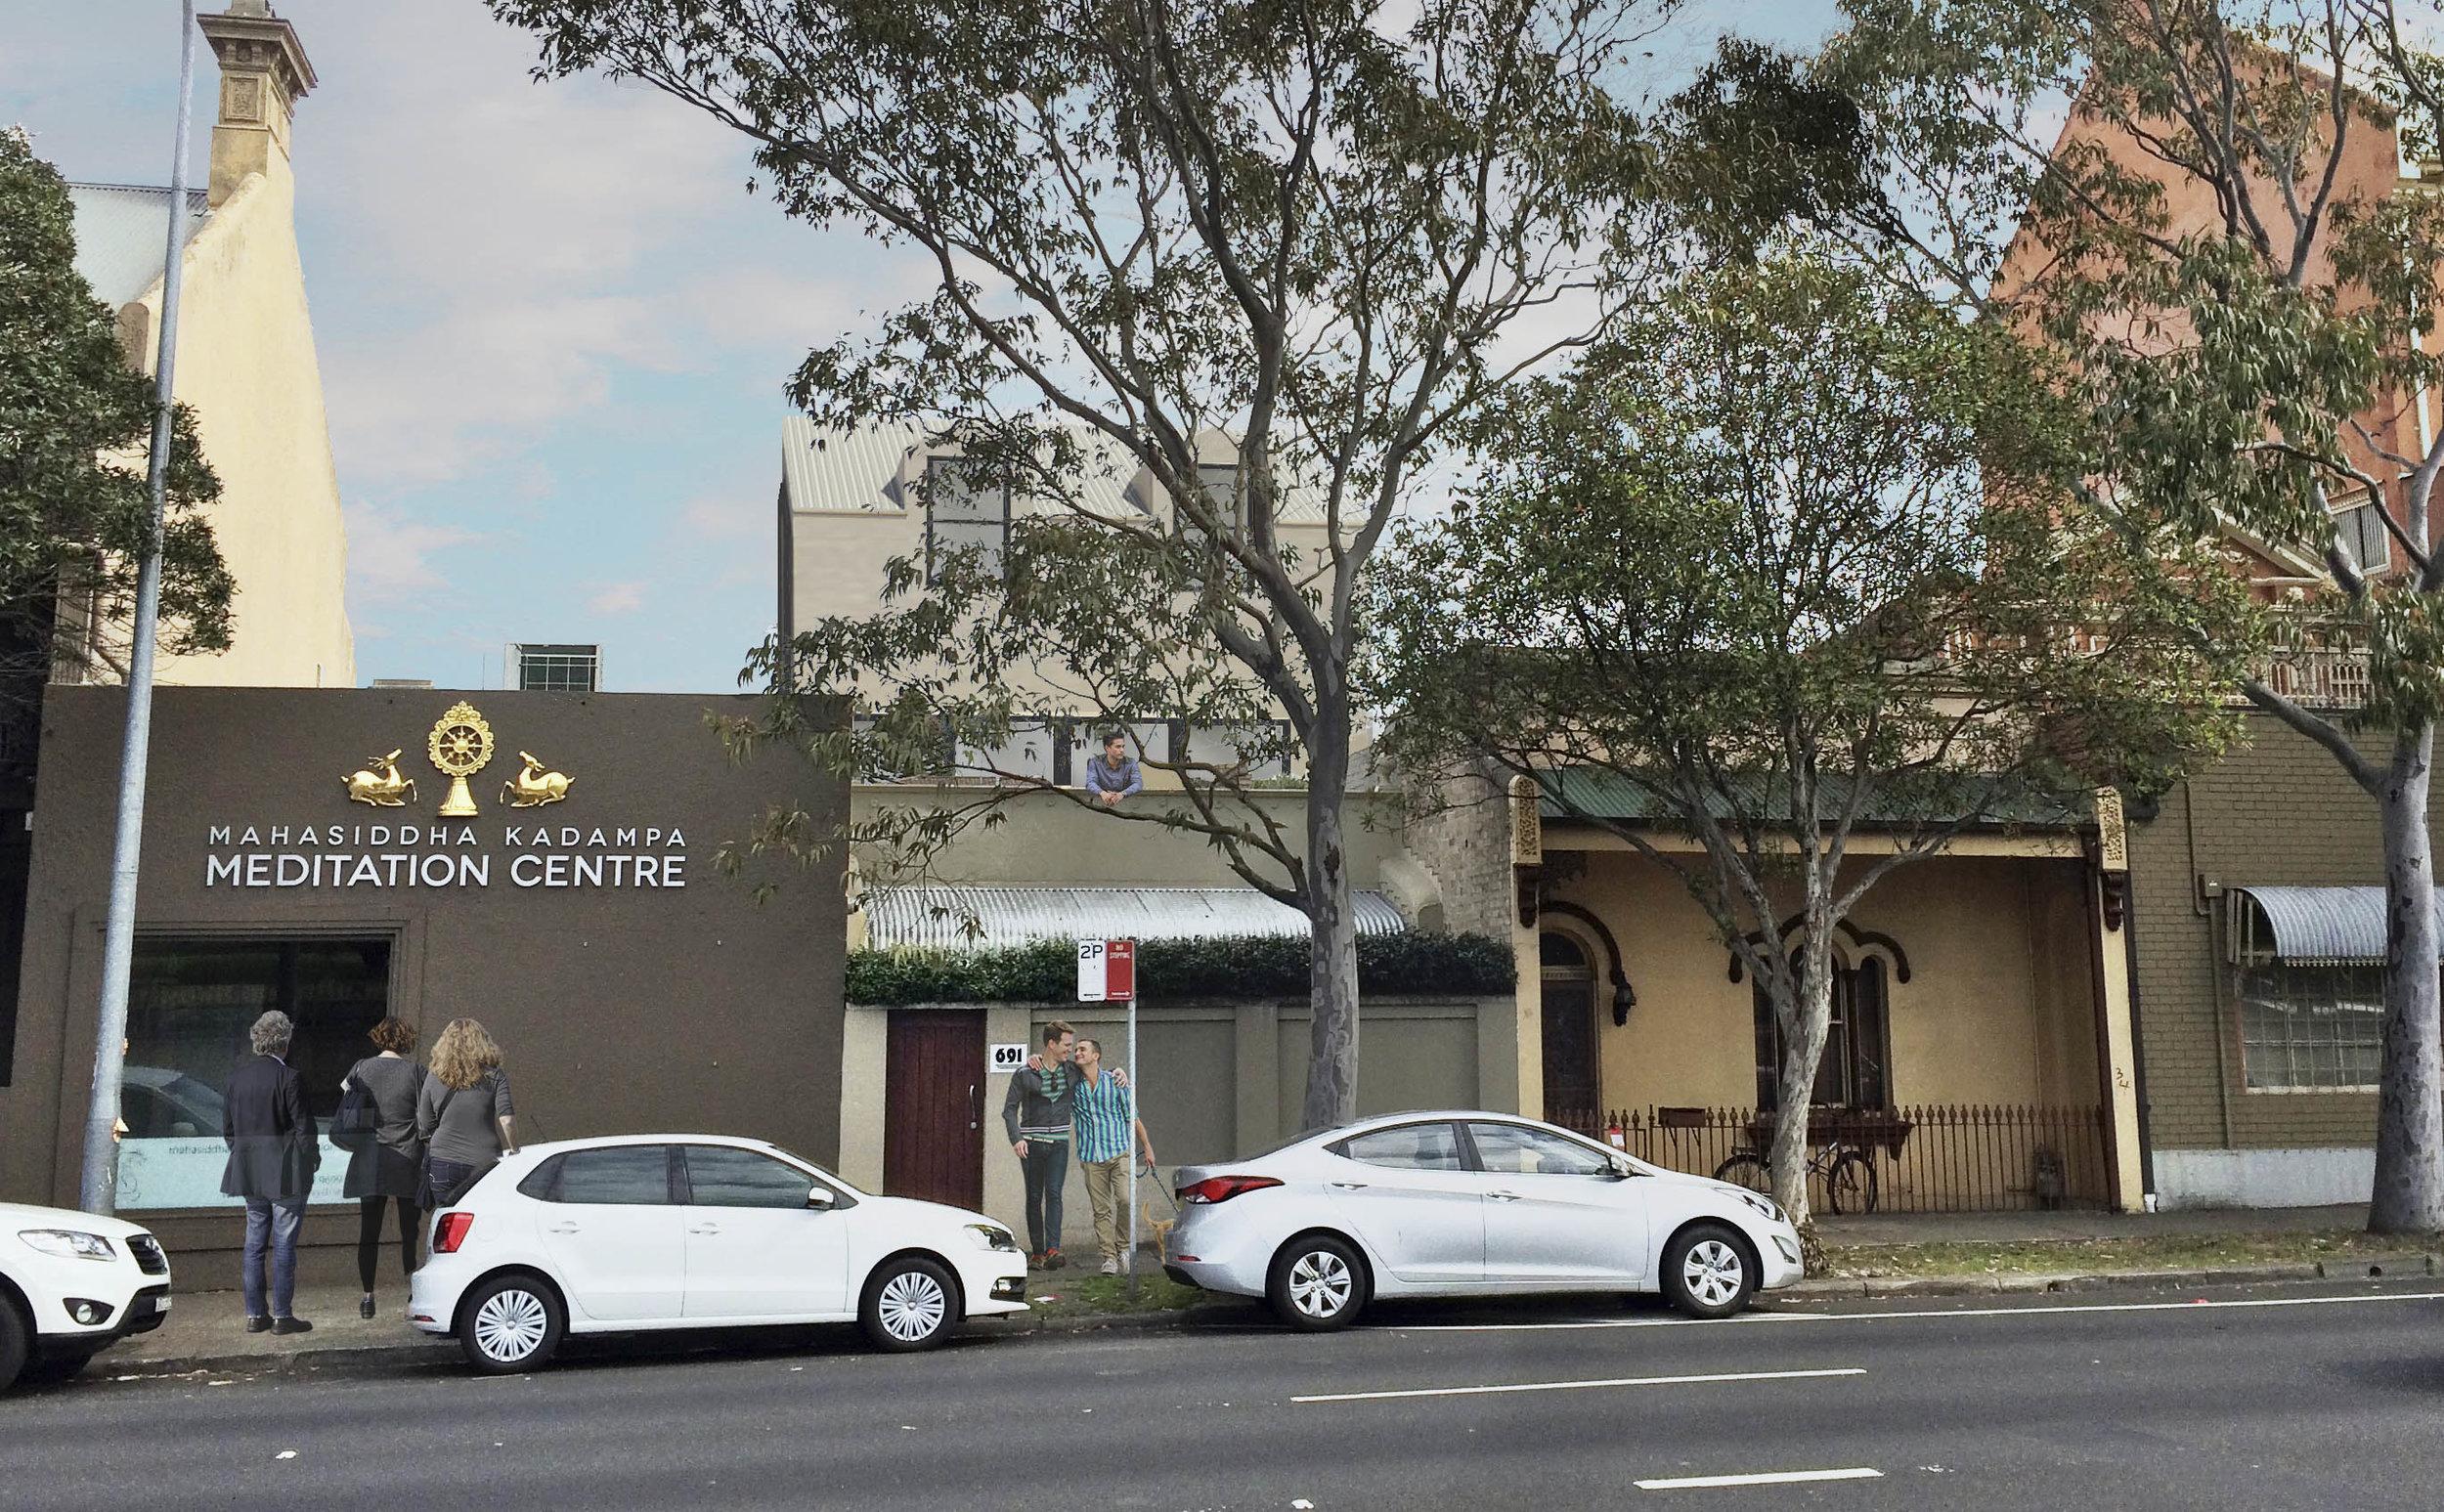 Redfern Terrace